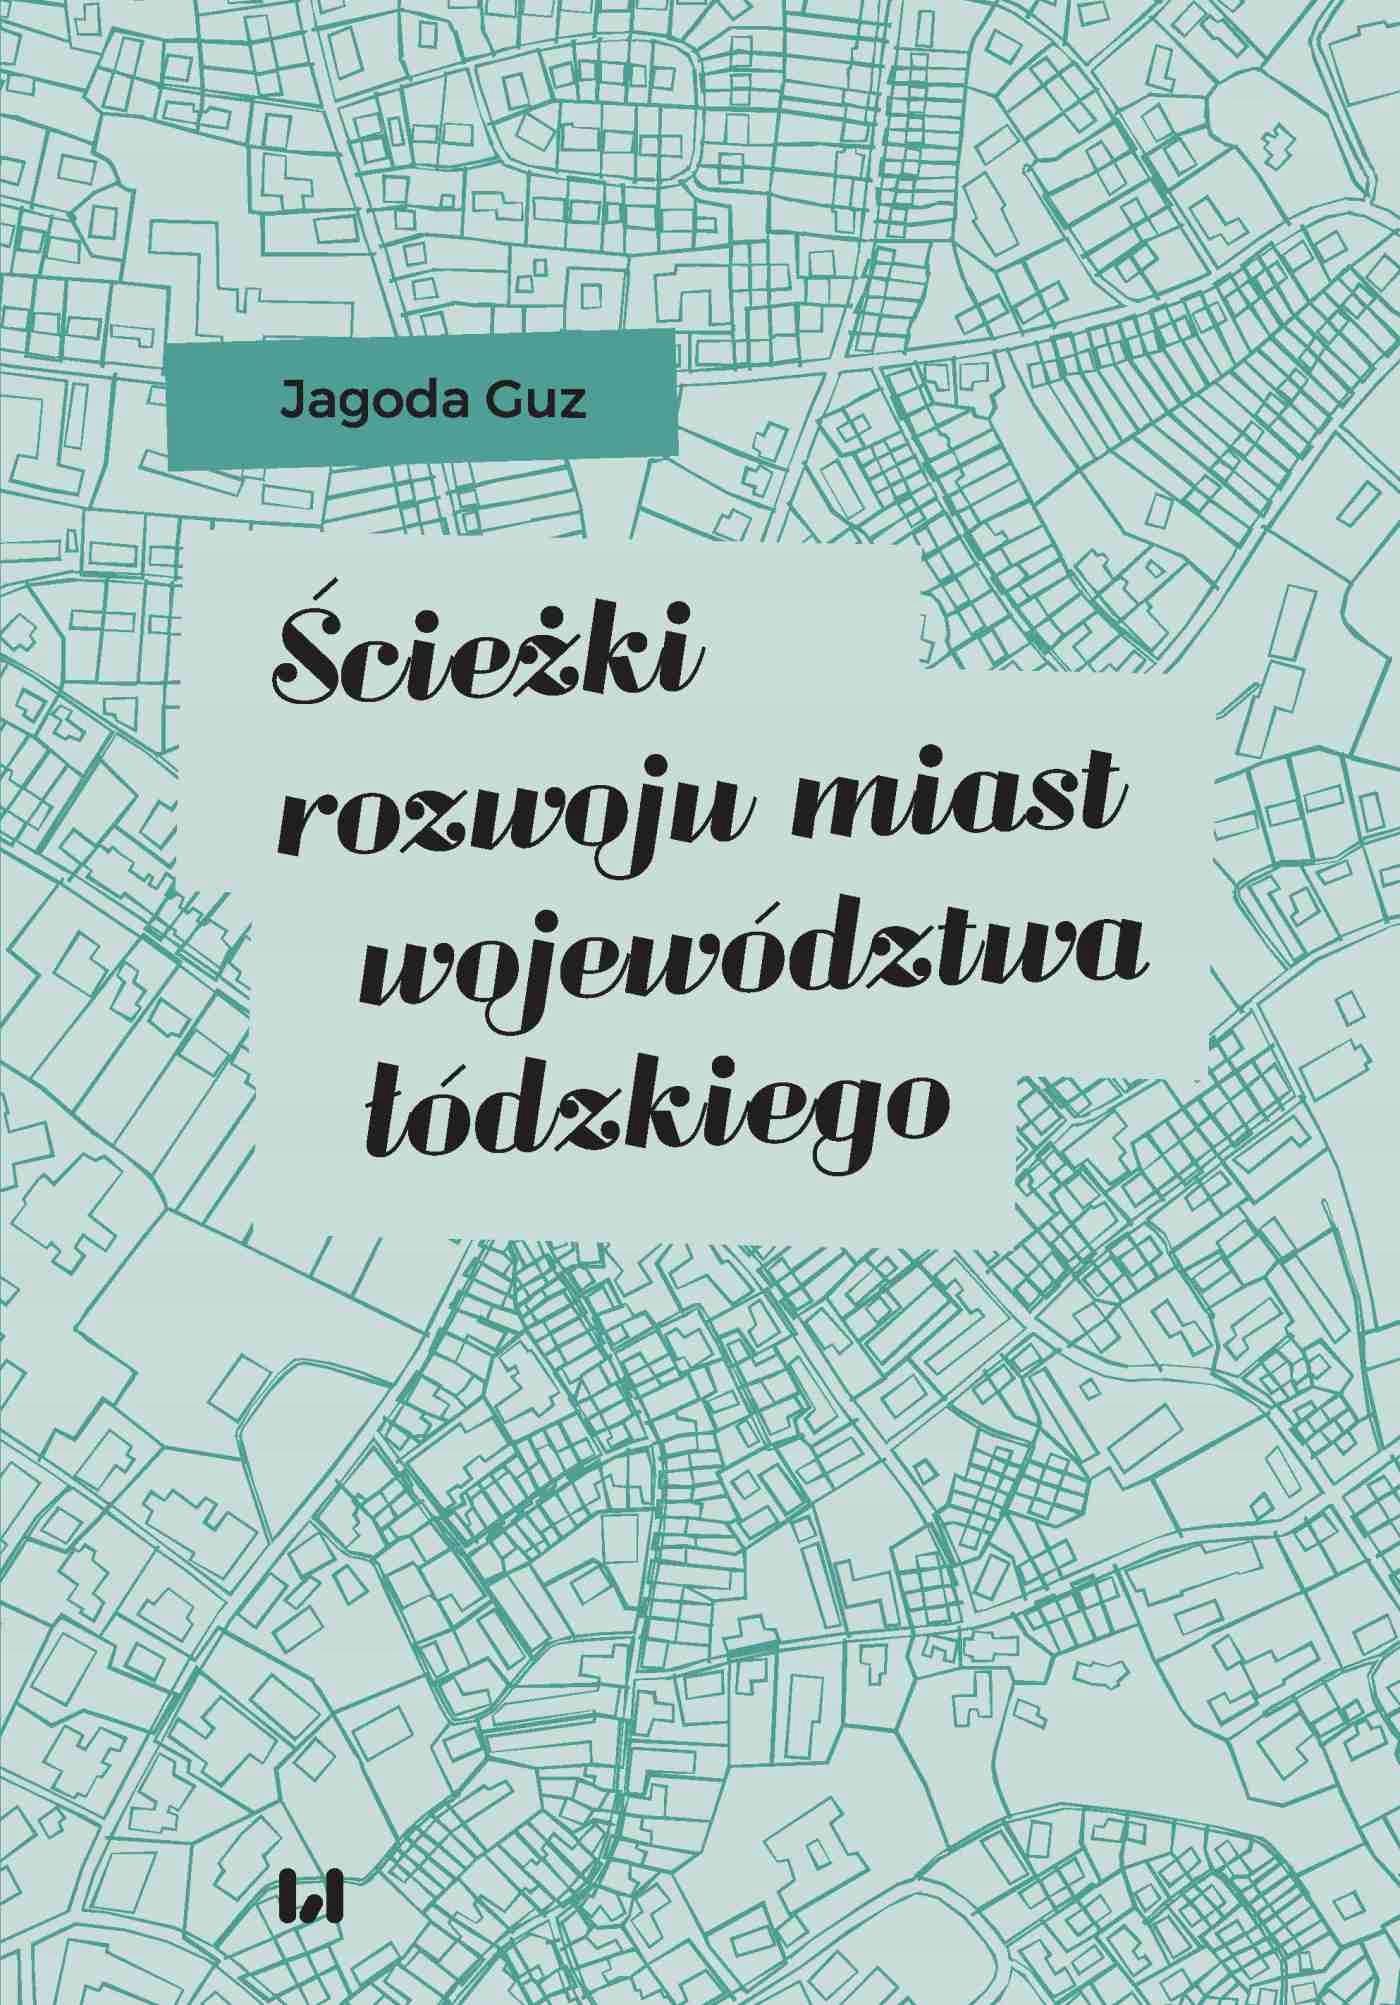 Ścieżki rozwoju miast województwa... Jagoda Guz